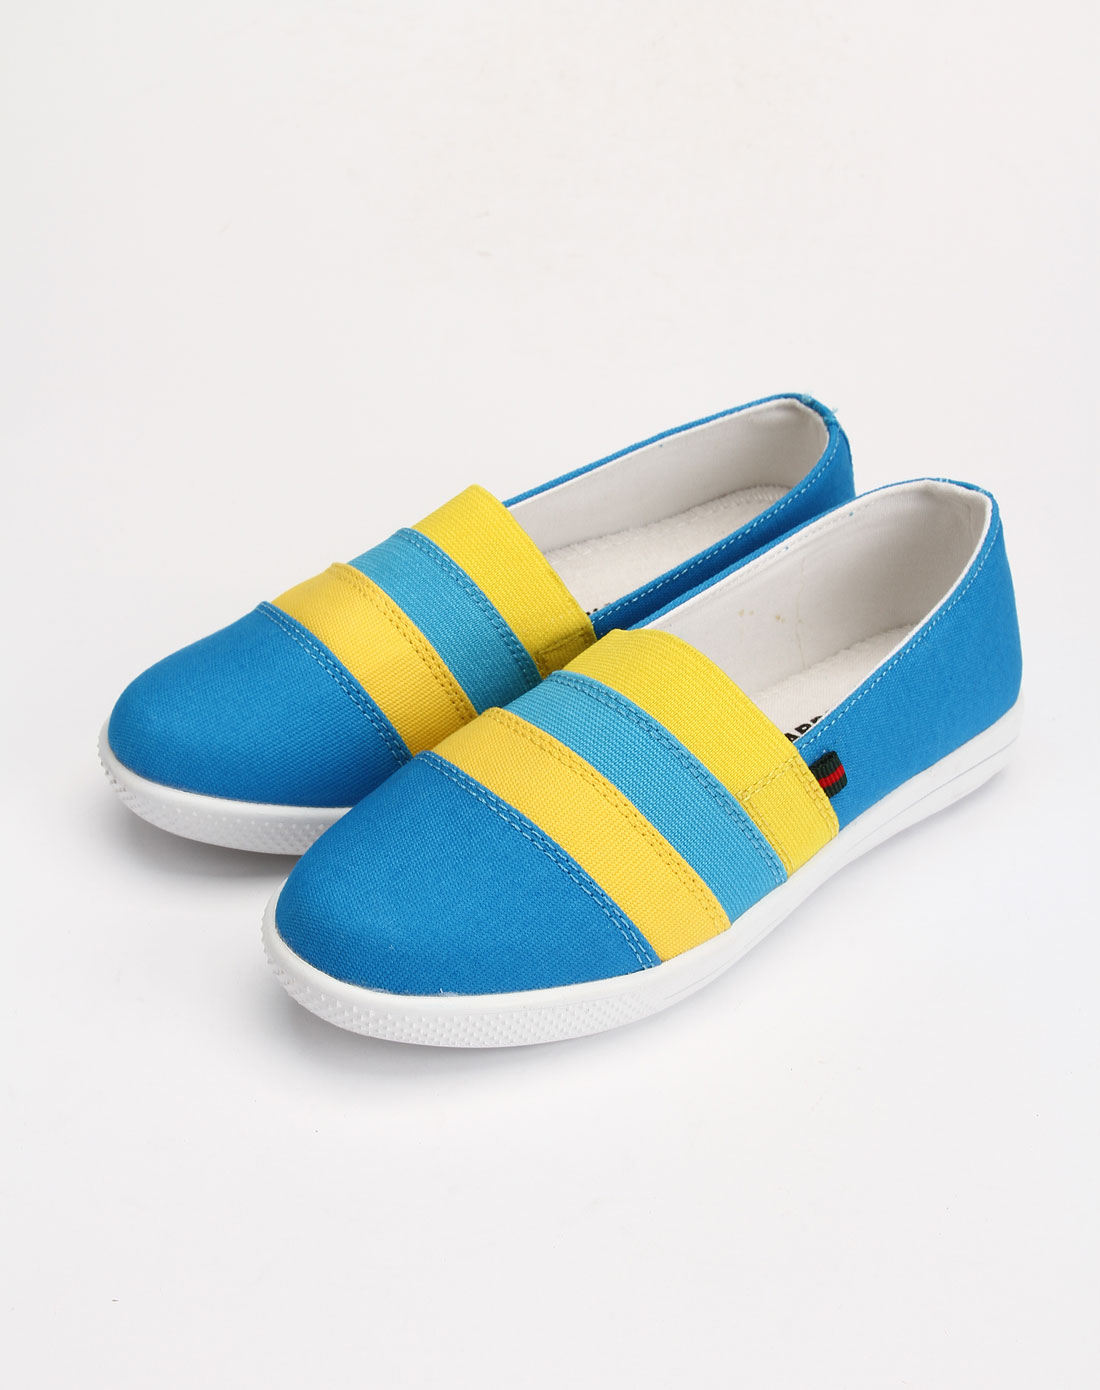 回力warrior男女鞋女款典雅蓝色时尚休闲鞋2272-18